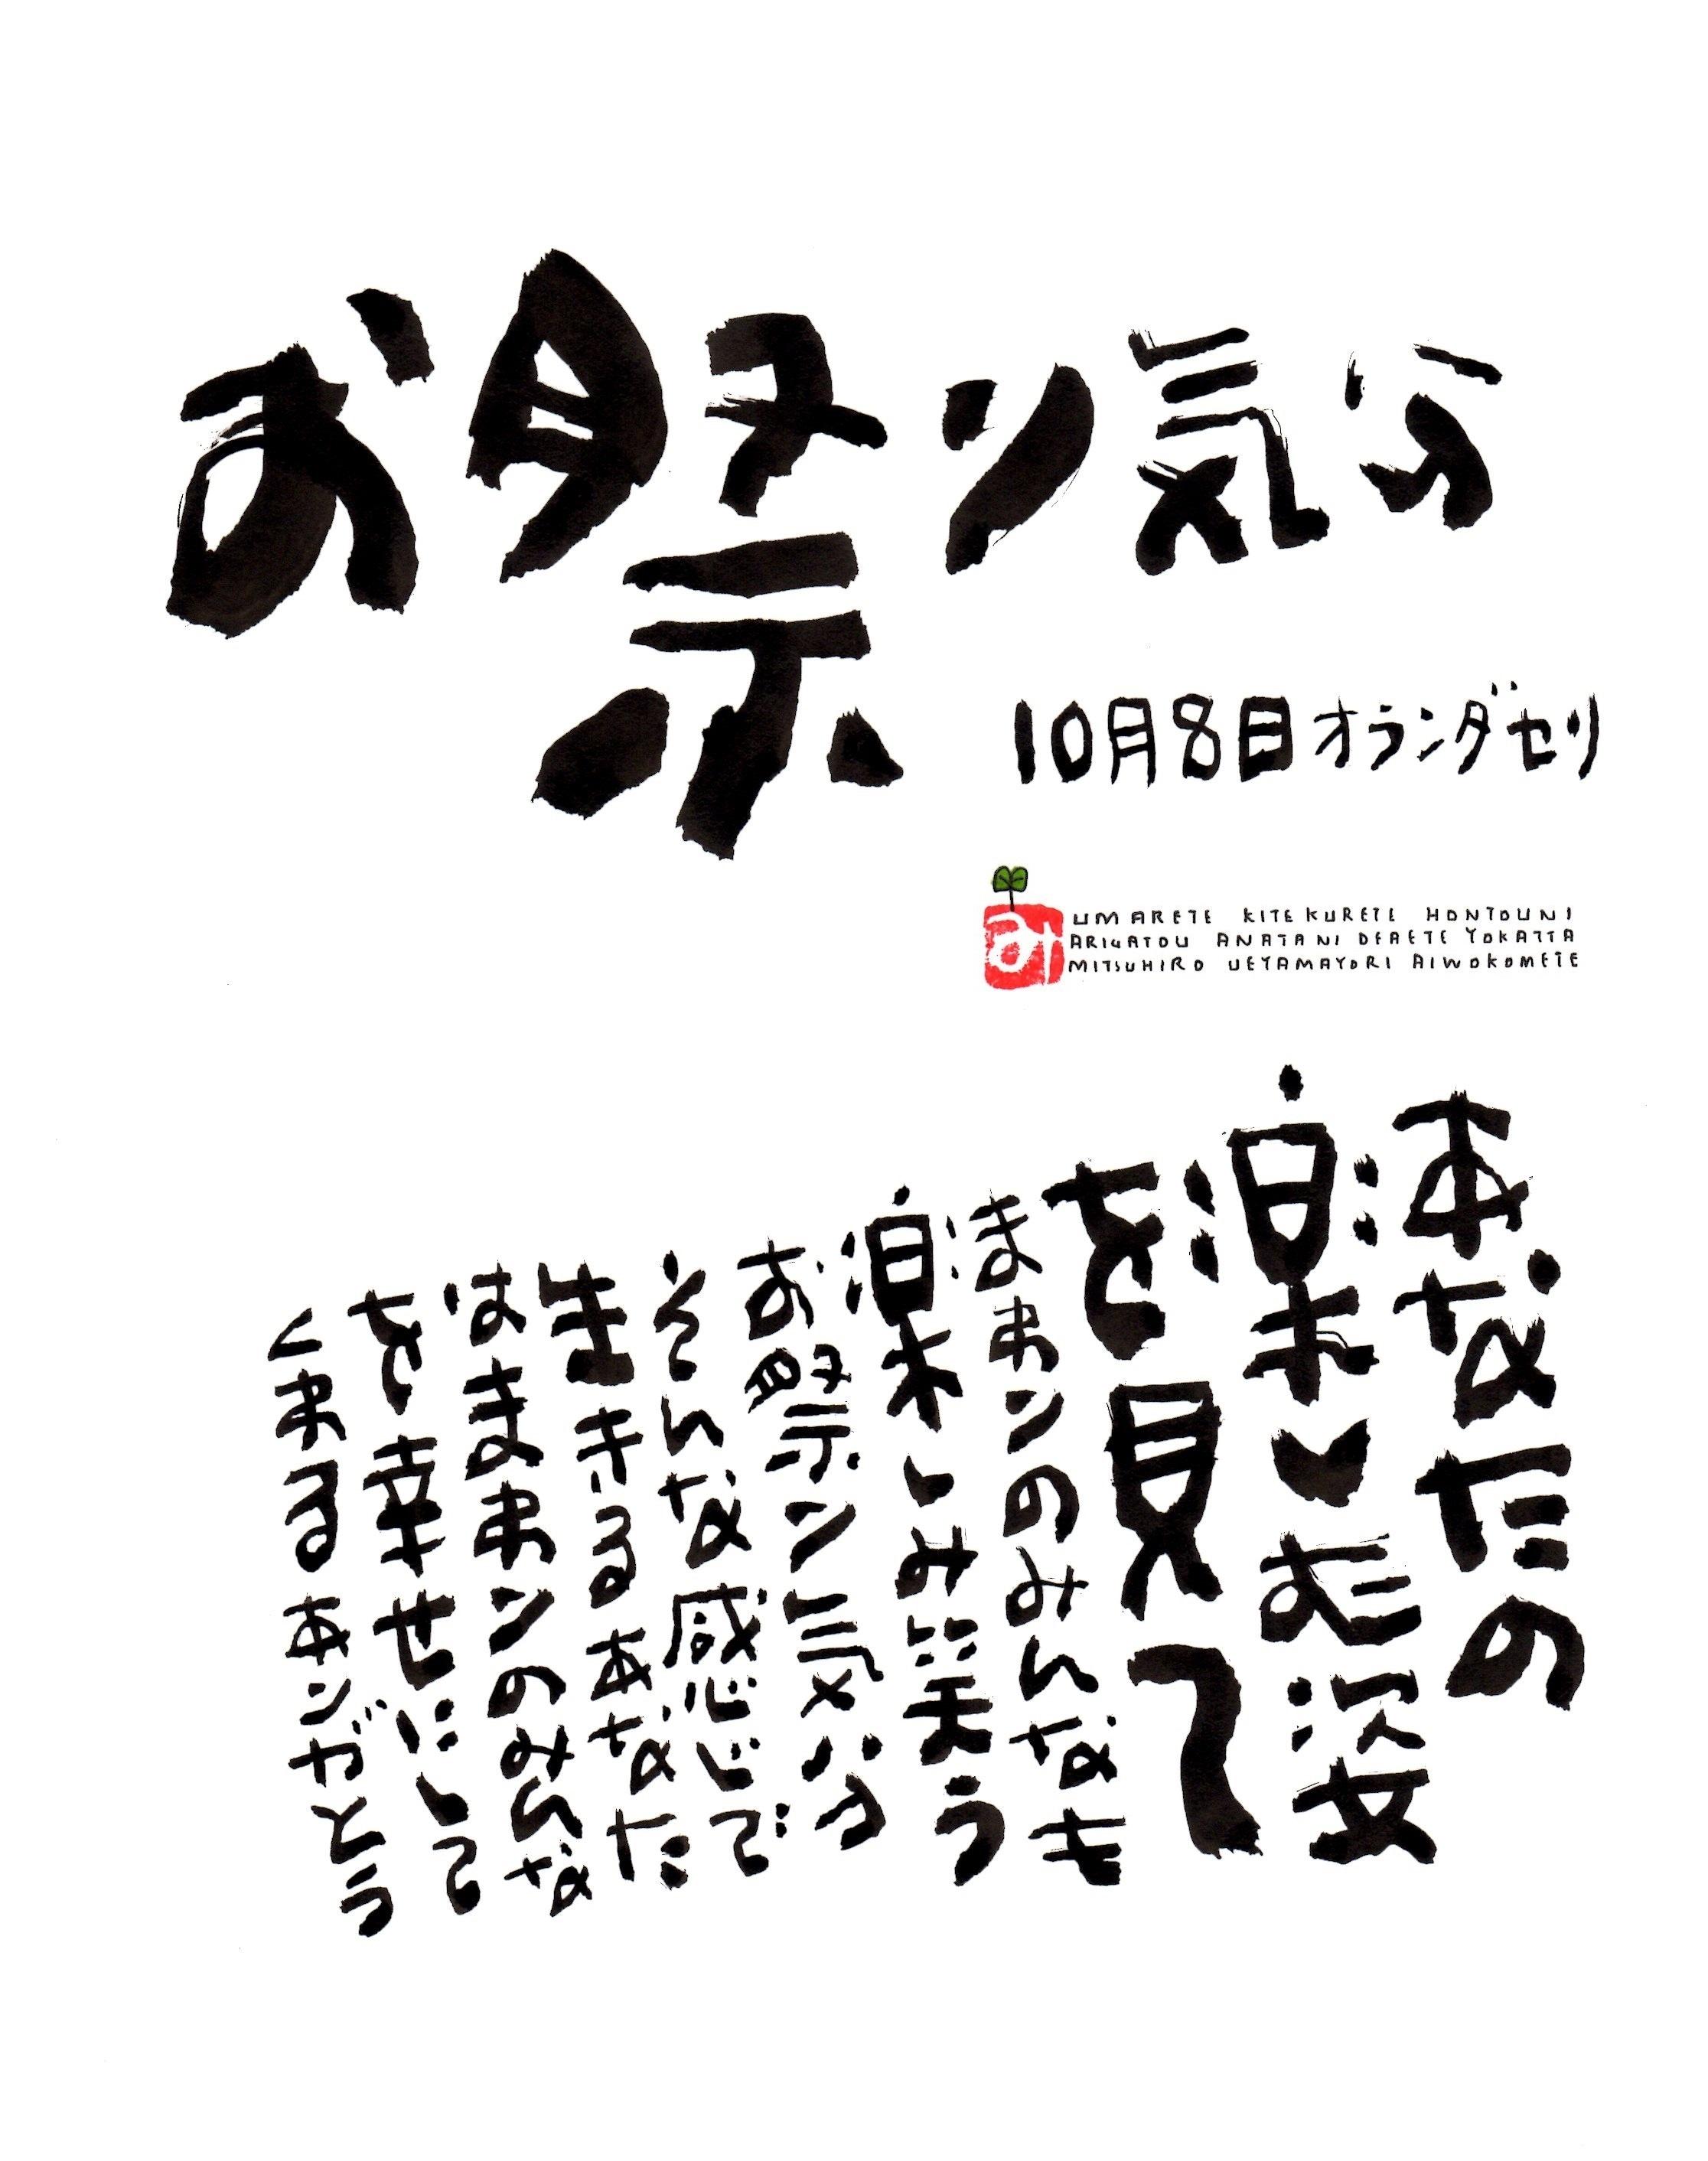 10月8日 誕生日ポストカード【お祭り気分】Festive mood